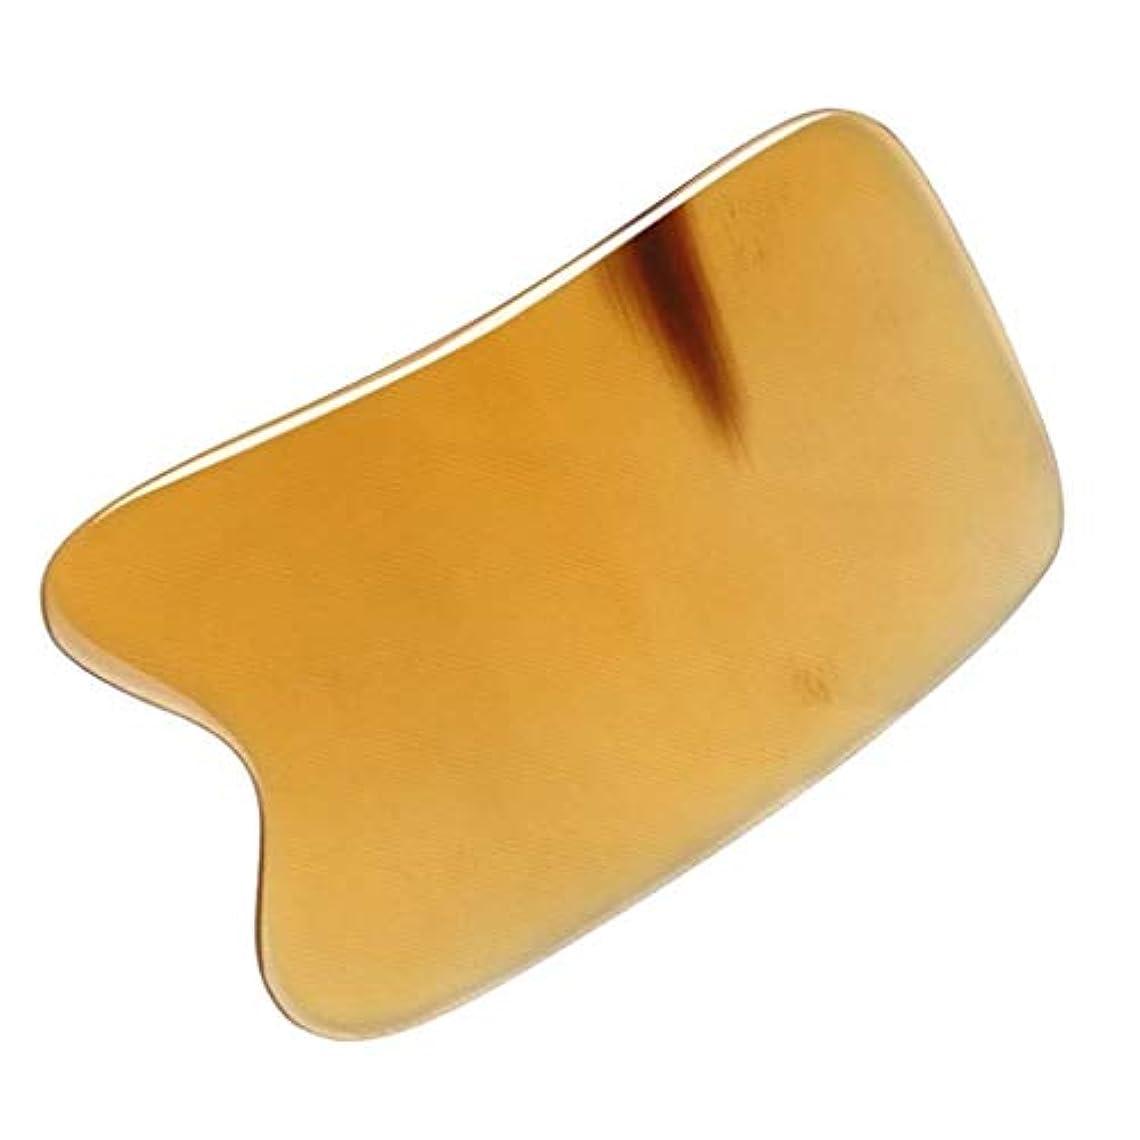 暴動司書つらいIASTMグラストン理学療法ツール-最高品質のハンドメイドバッファローホーングアシャボード-首と筋肉の痛みを軽減 (Size : 5mm)